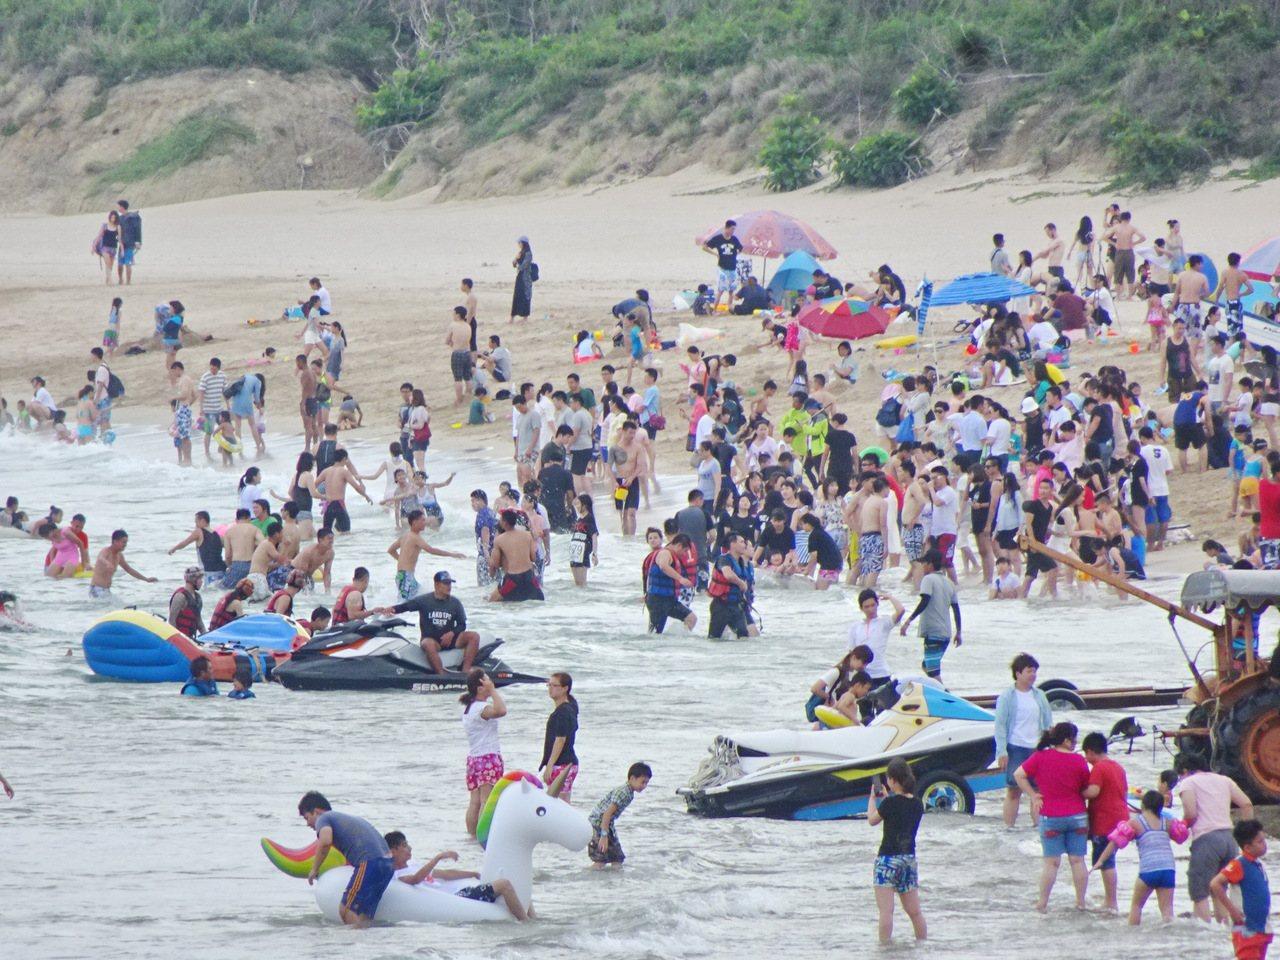 端節連假首日,高人氣的墾丁南灣湧現大批戲水人潮。記者潘欣中/攝影